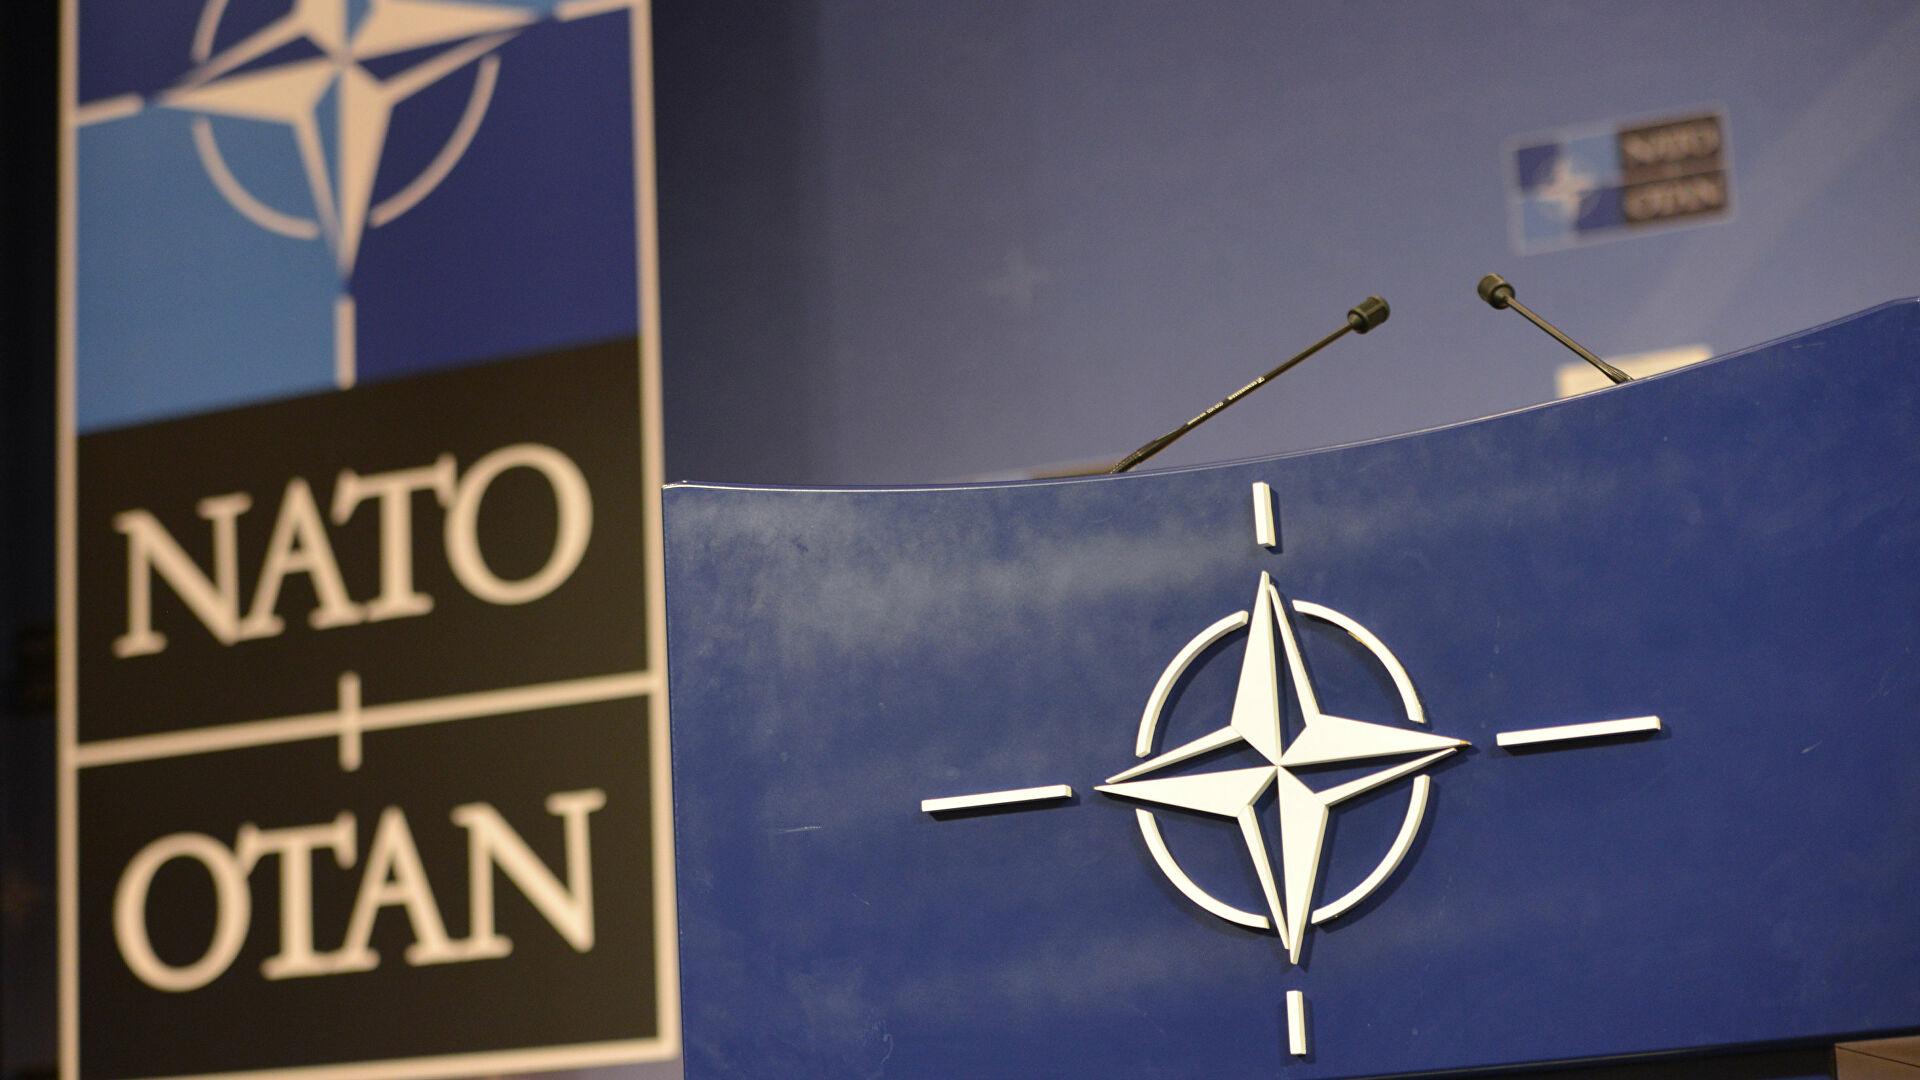 НАТО: Русија наставља са агресивном политиком и агресивним акцијама